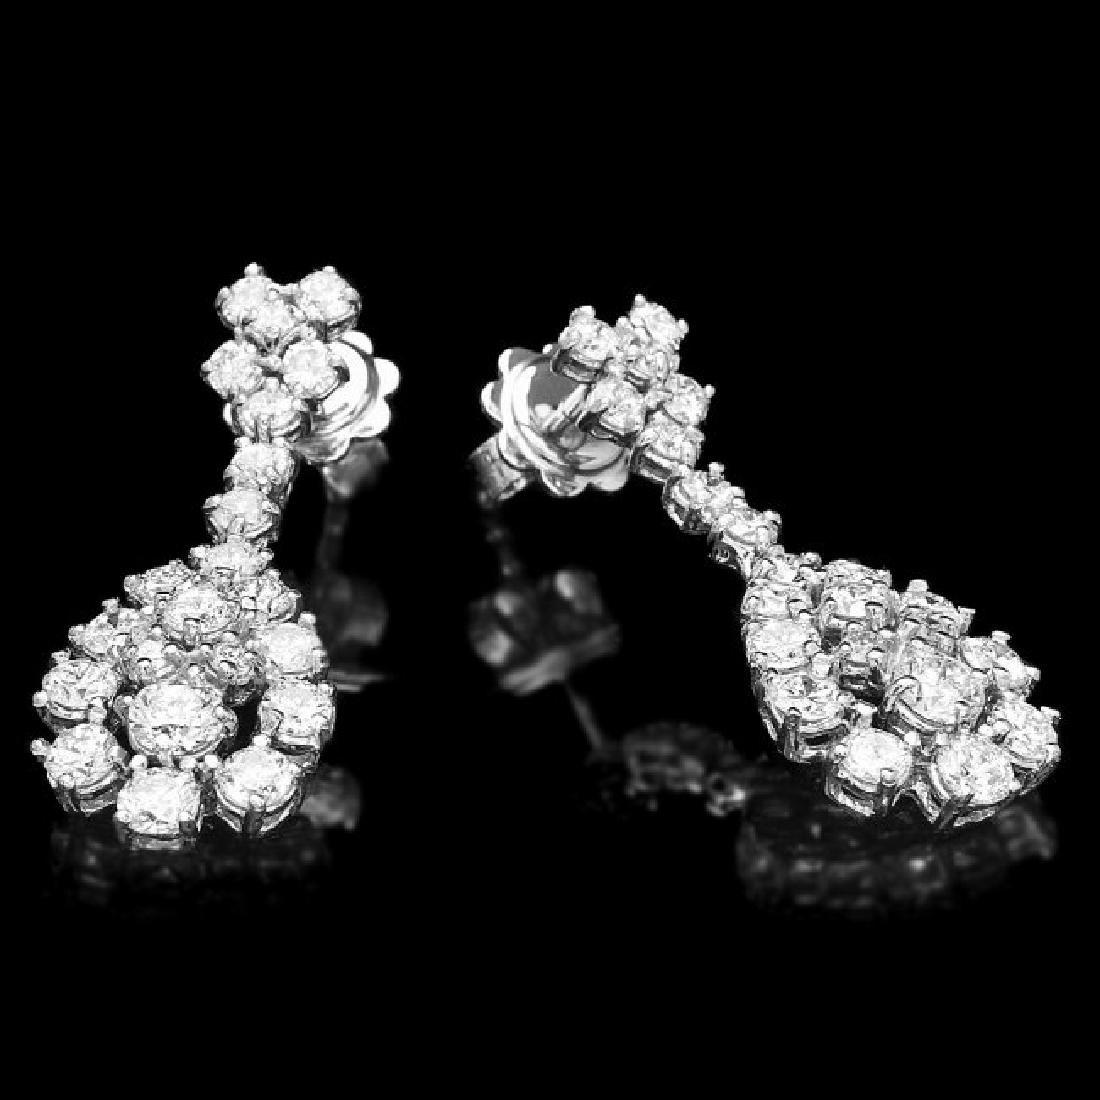 14k White Gold 2.85ct Diamond Earrings - 2